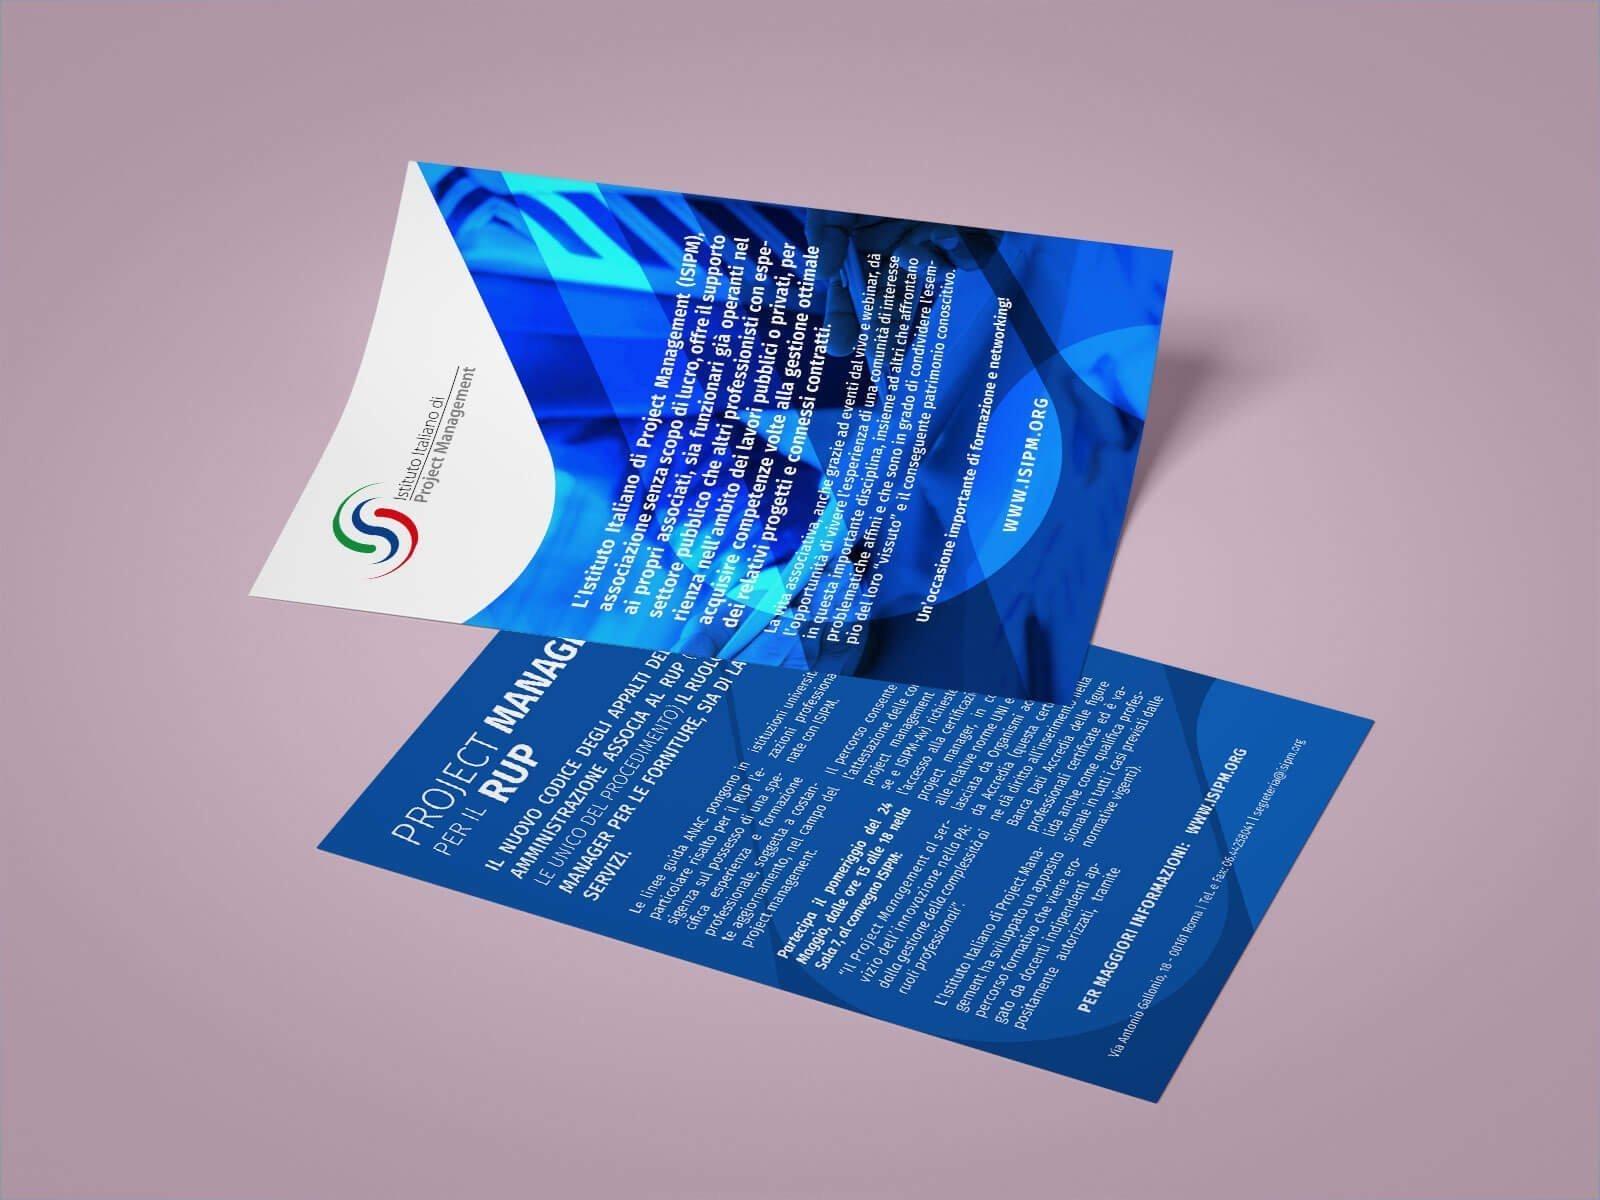 Istituto Italiano di Project Management